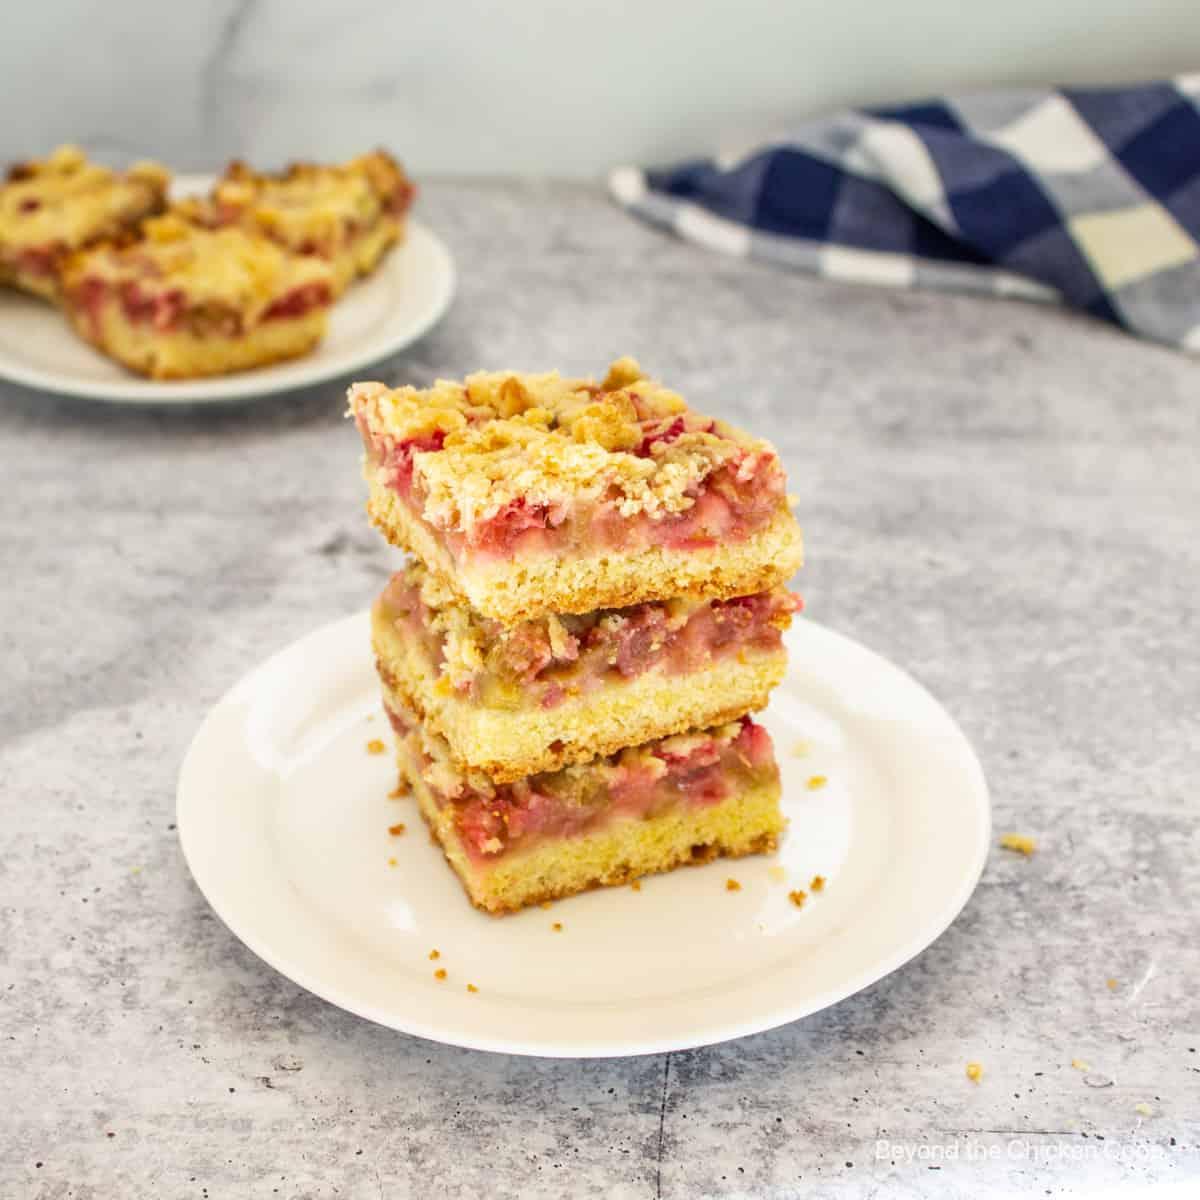 A stack or rhubarb bars.